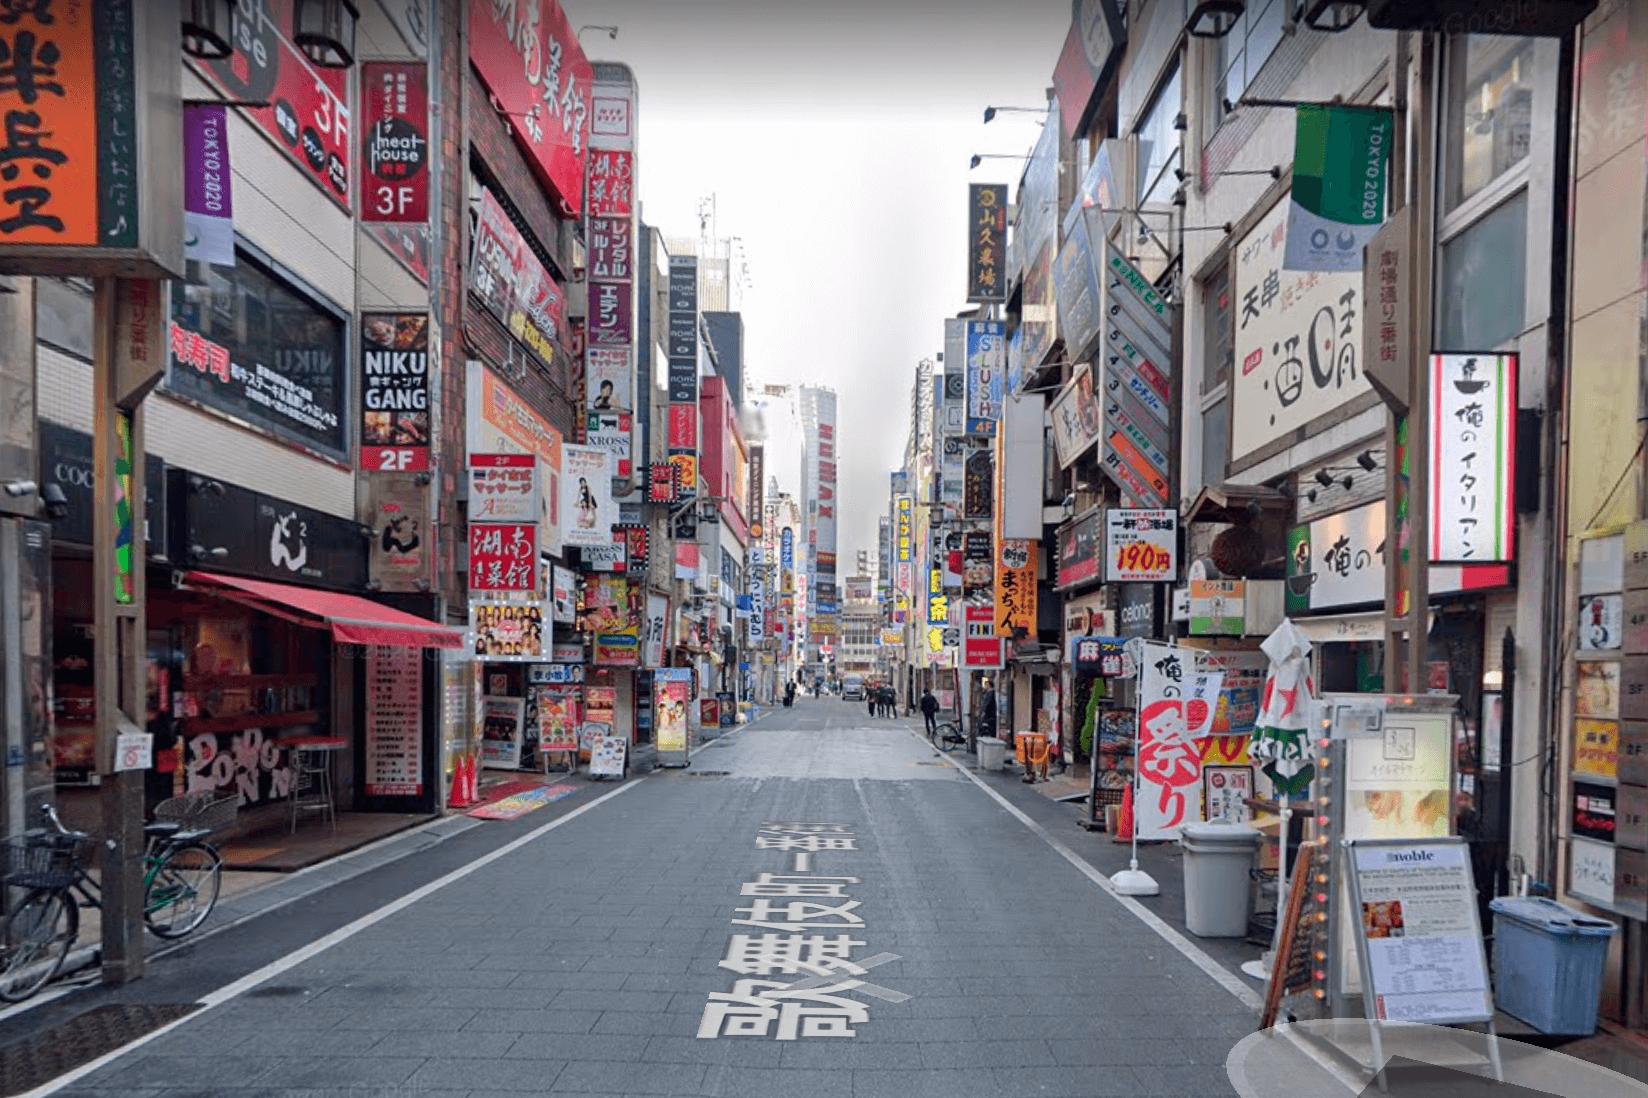 歌舞伎町 ナンパ